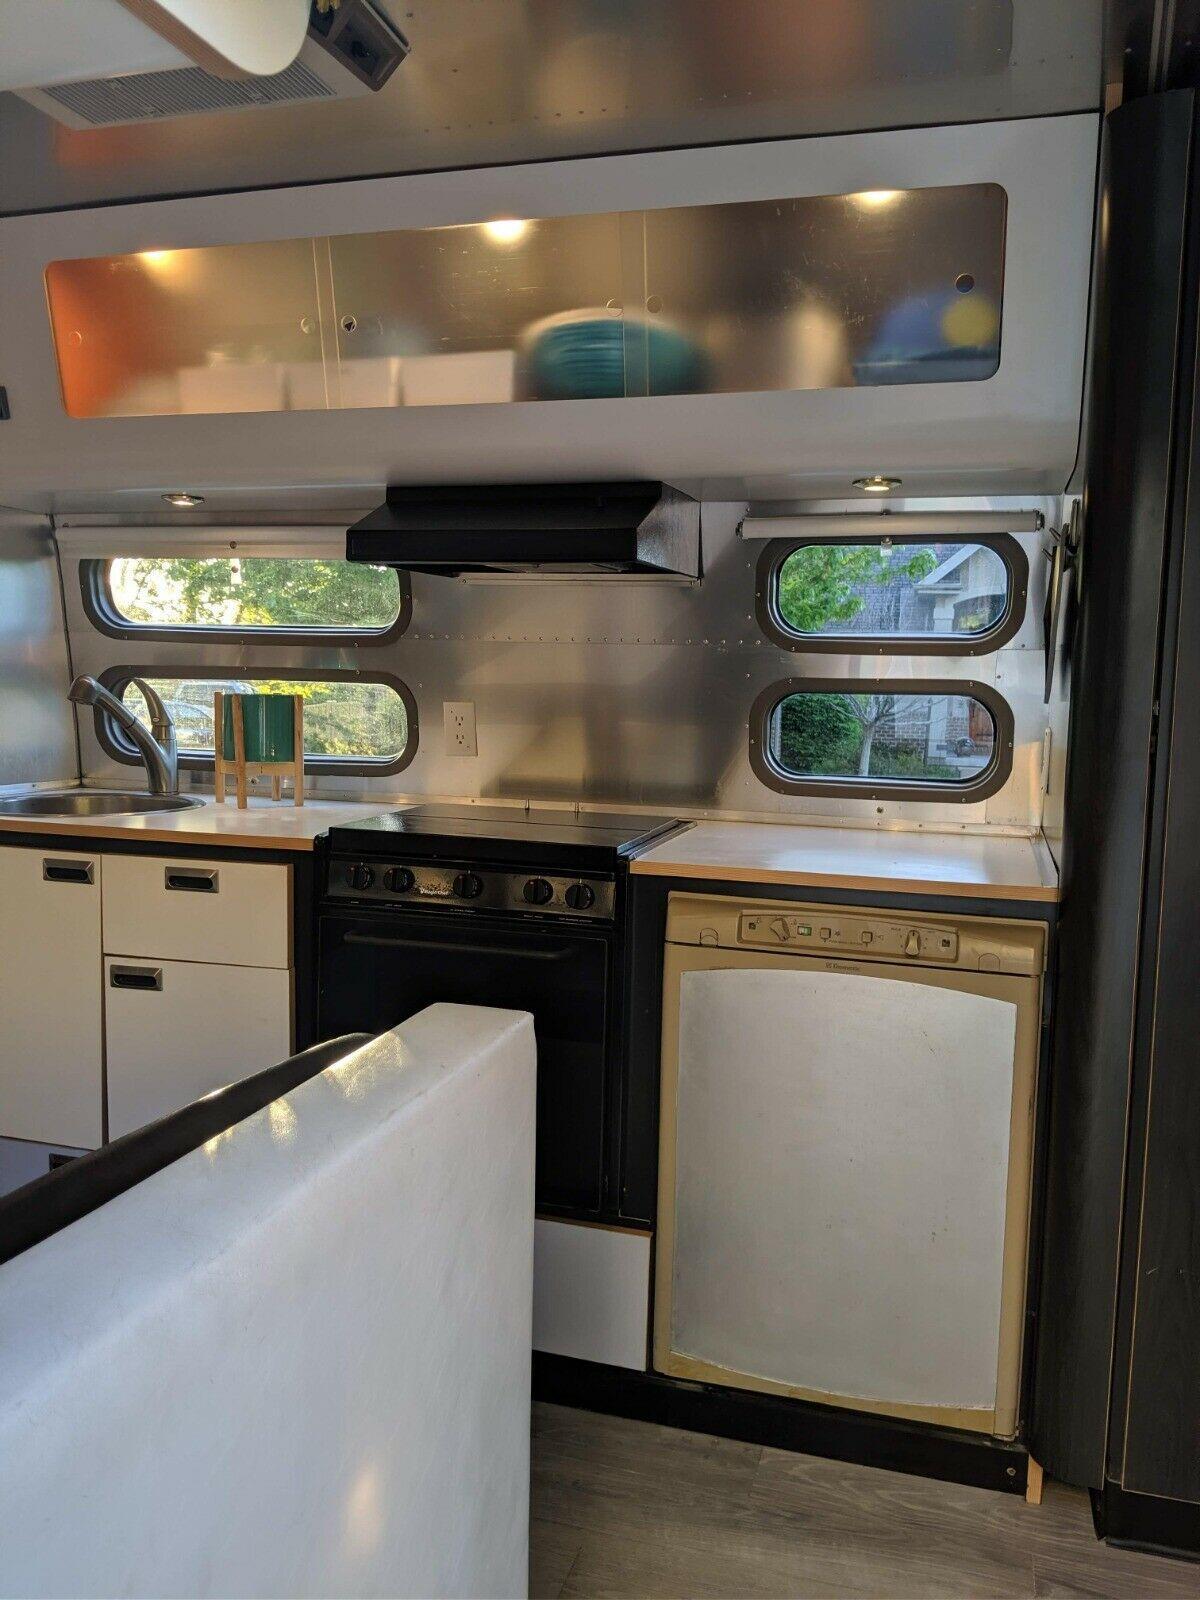 clean 2002 Airstream International camper